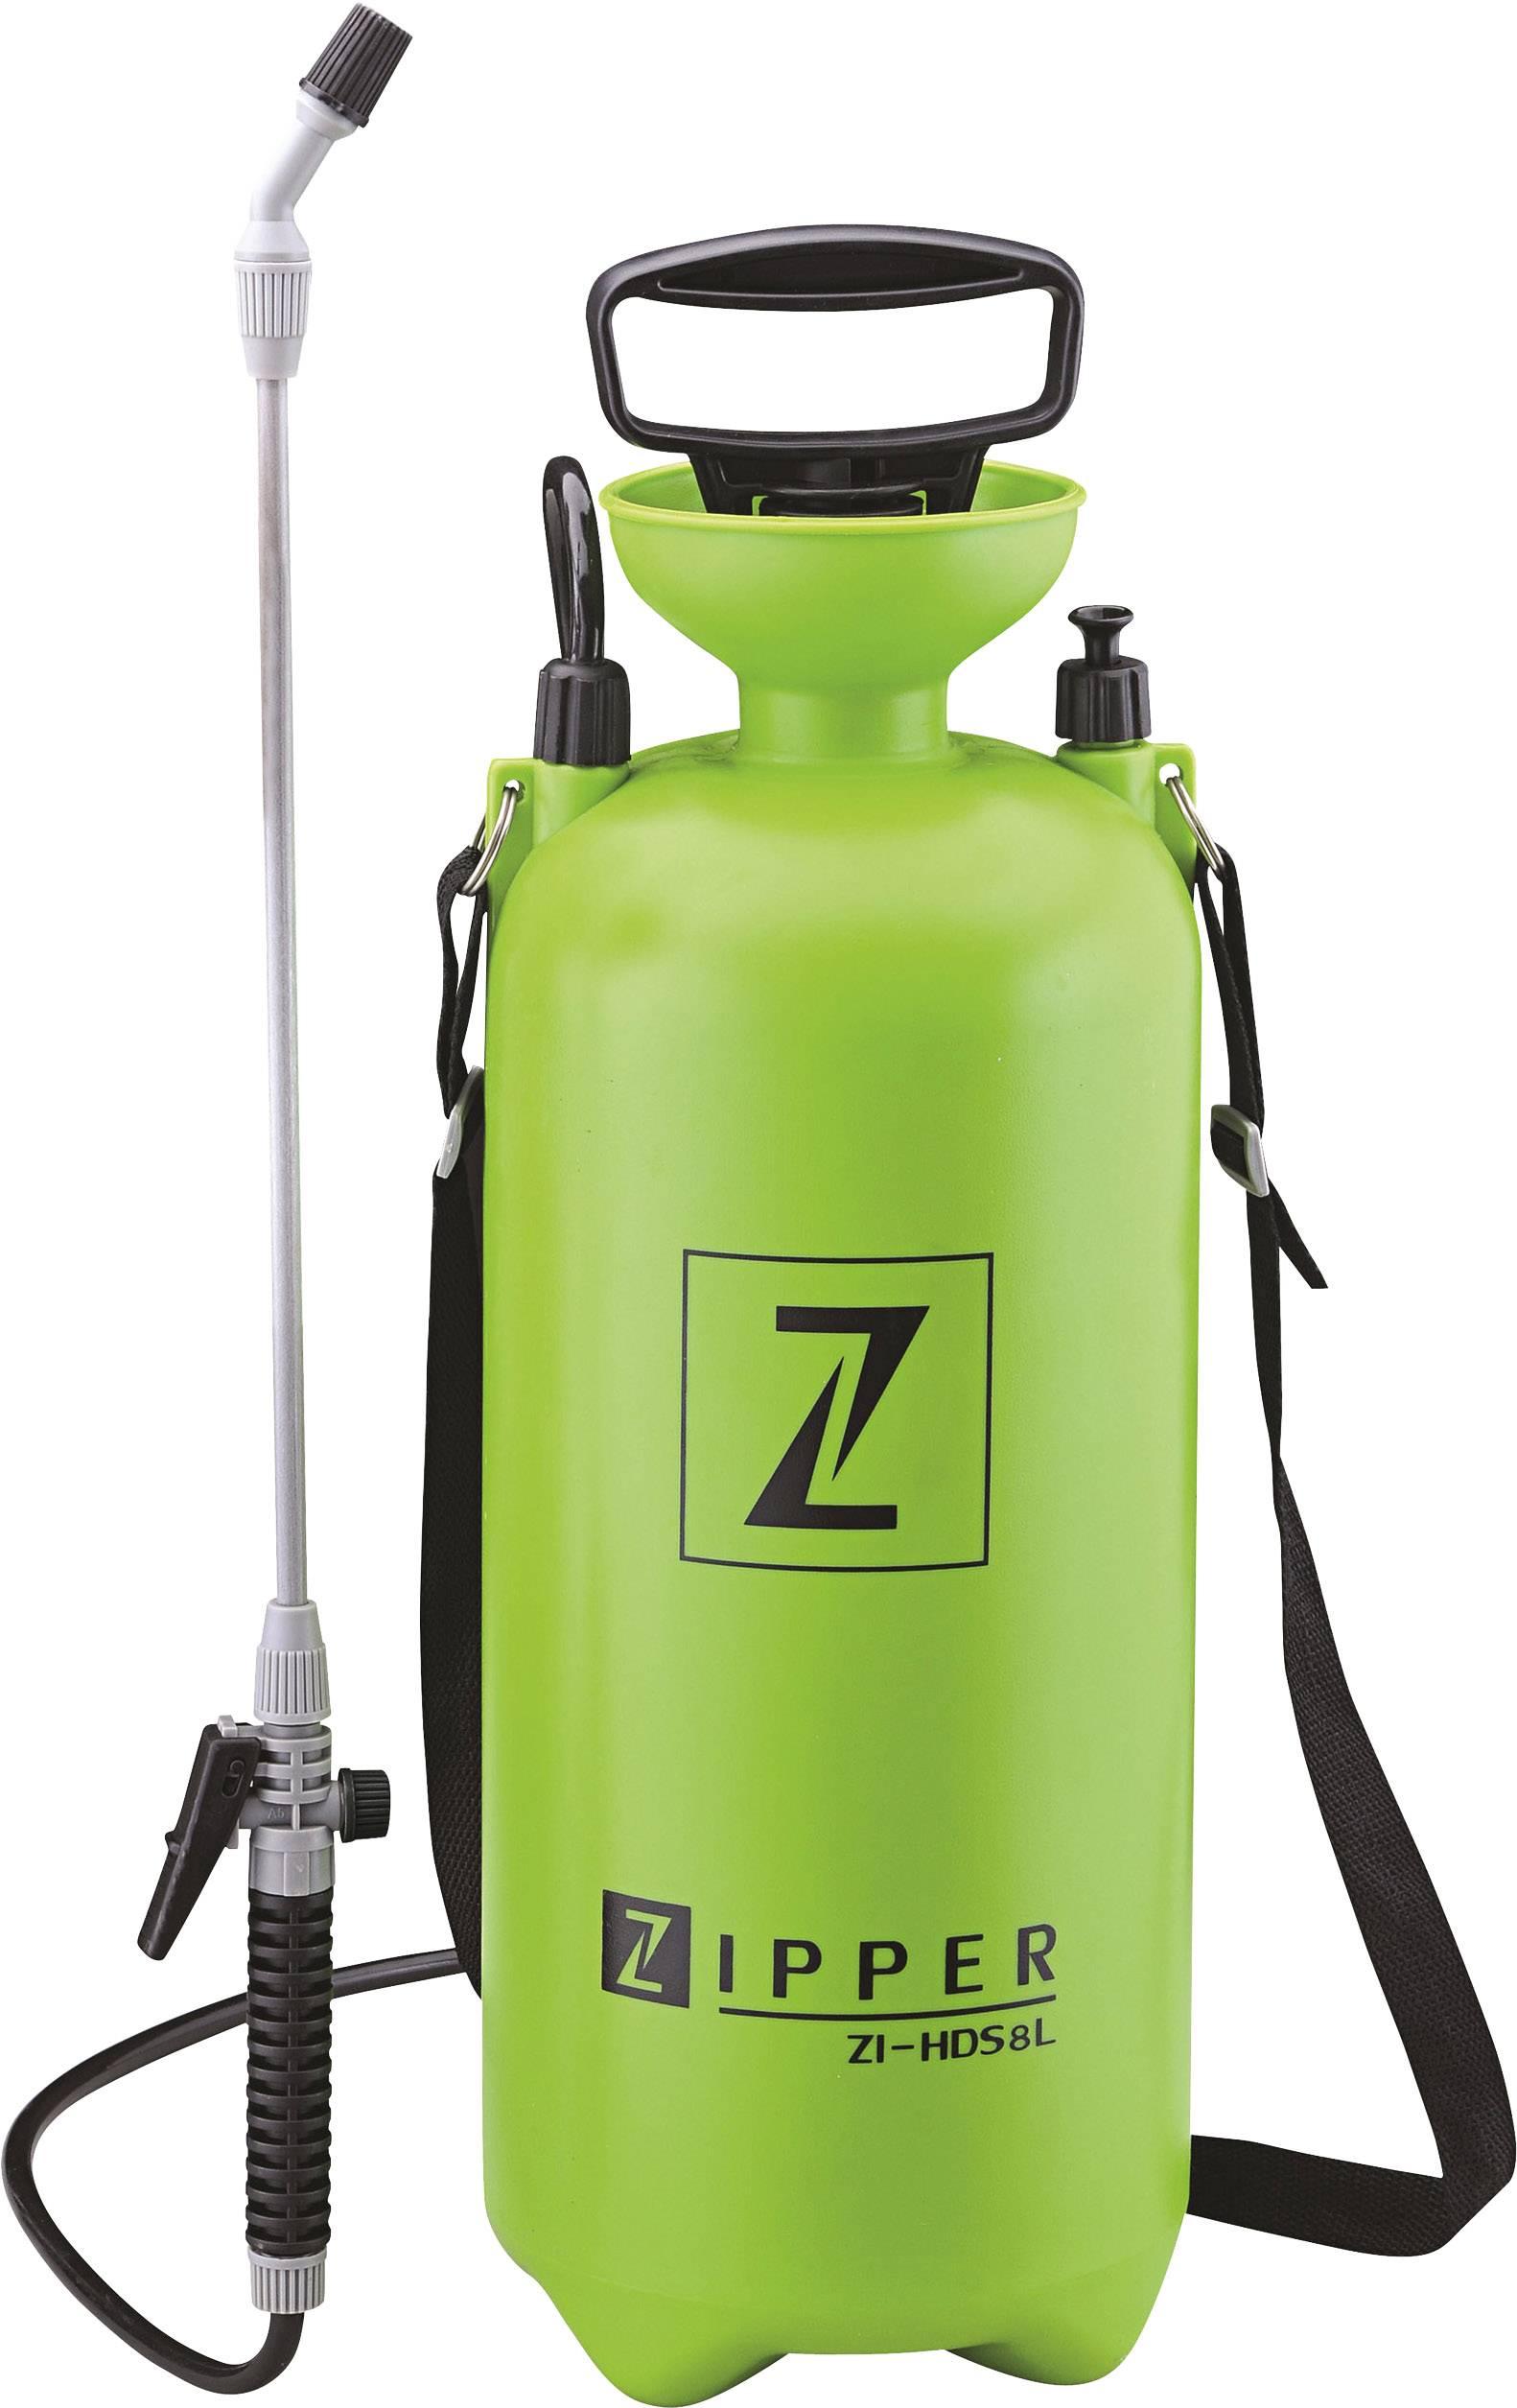 Tlakový rozprašovač Zipper ZI-HDS8L, 8 l